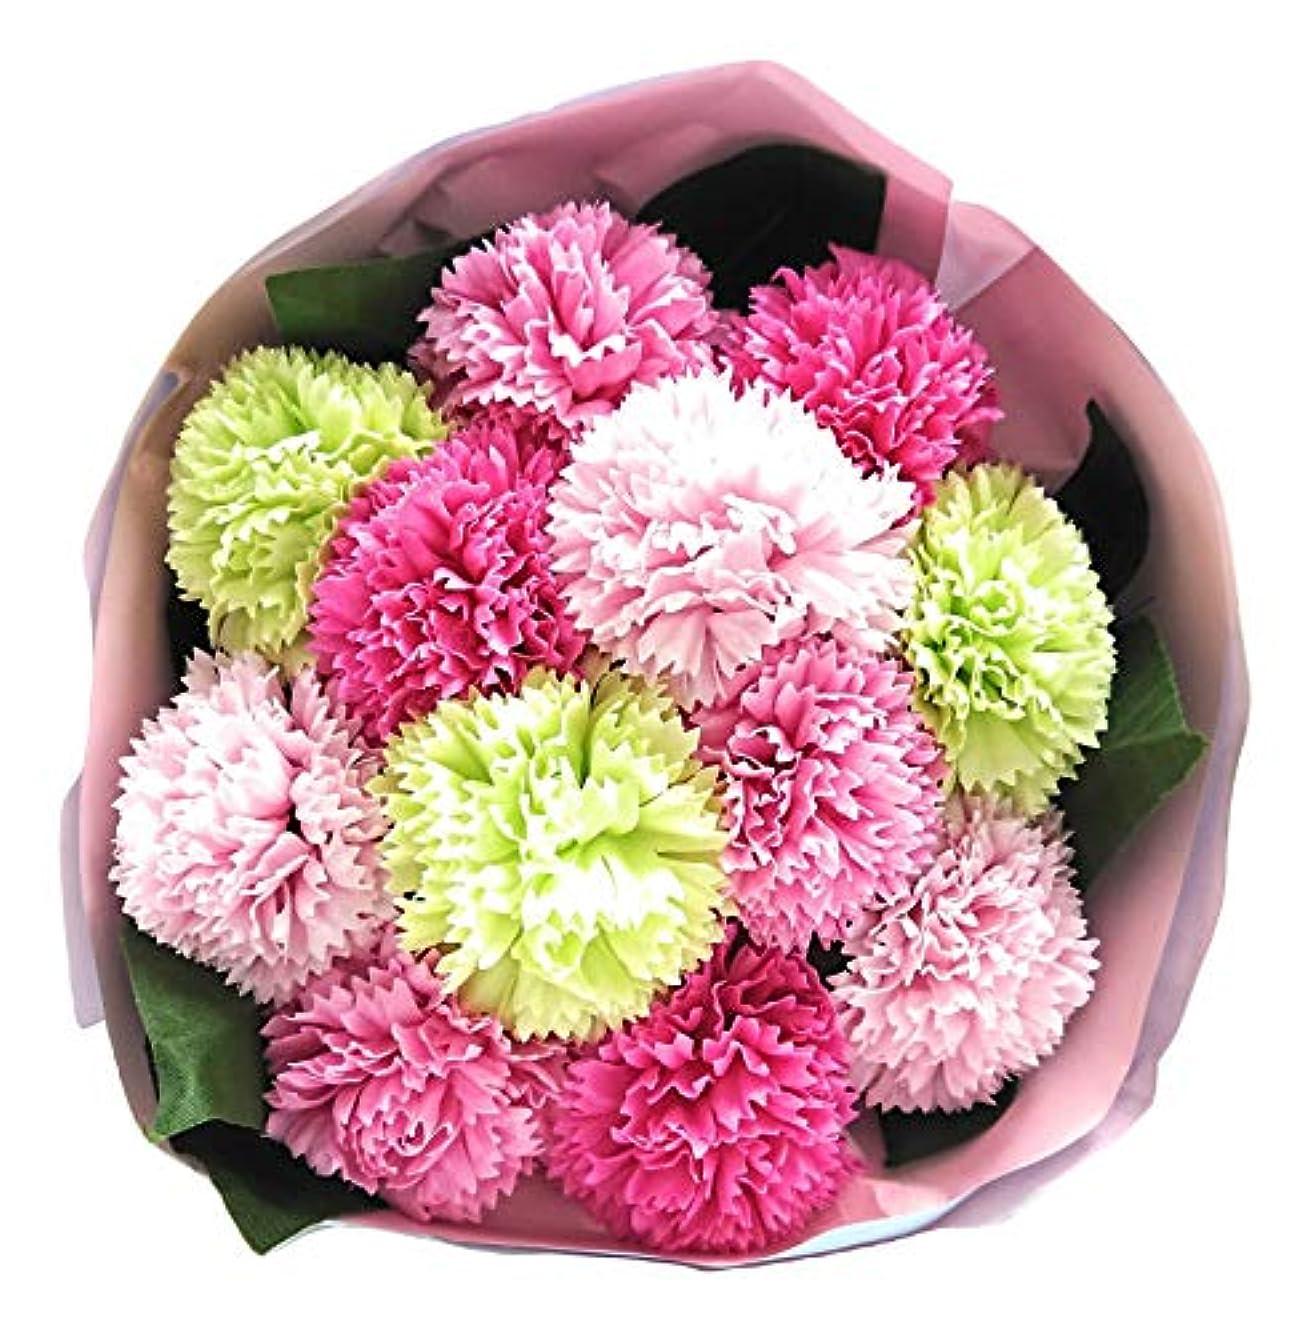 受粉者おしゃれな知り合いバスフレグランス バスフラワー カーネーションブーケ 母の日 ギフト お花の形の入浴剤 (PINK MIX)